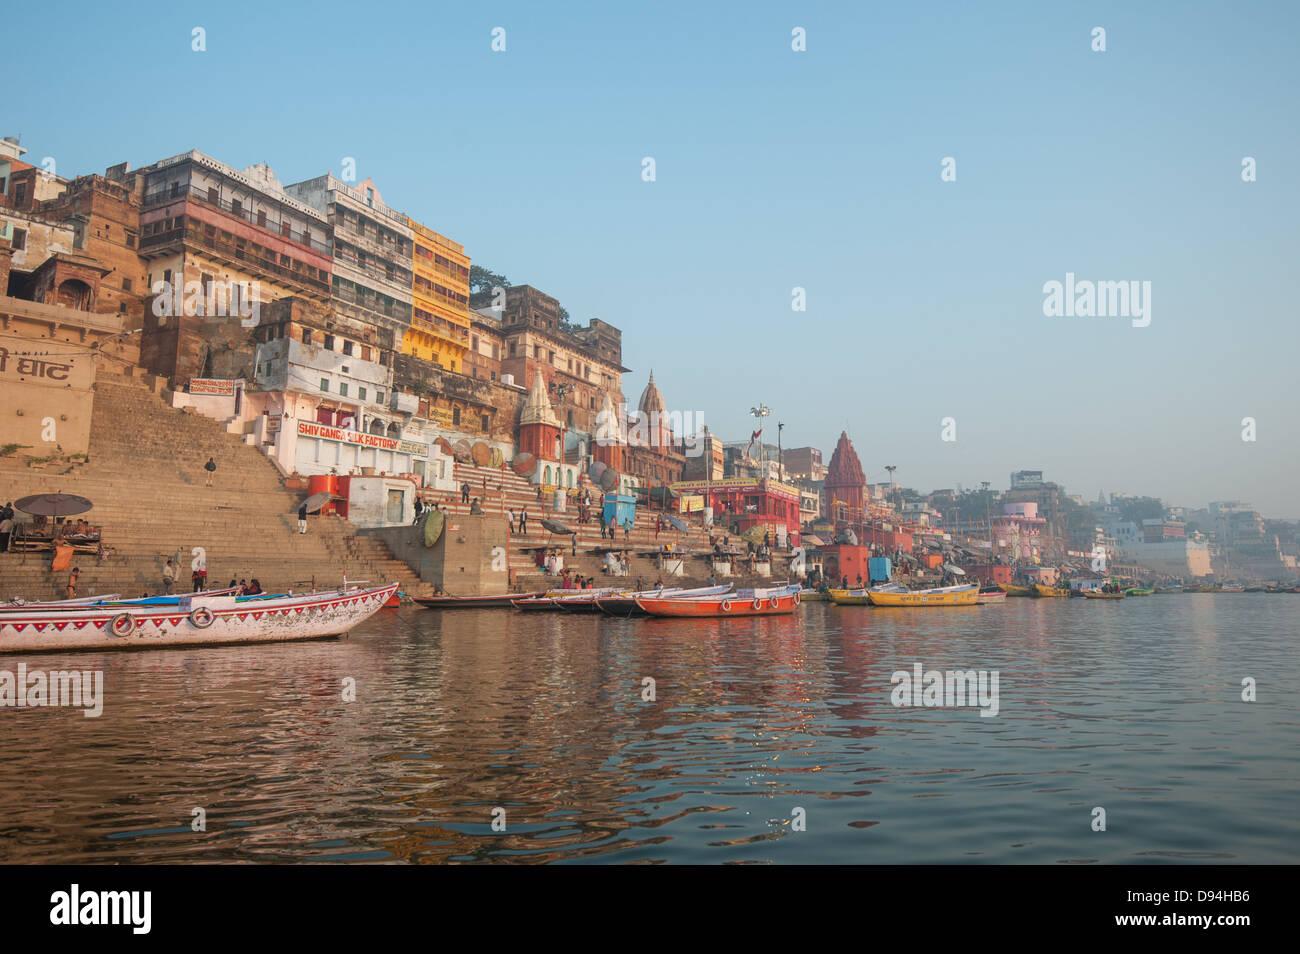 Ciudad santa de Varanasi, en India Imagen De Stock